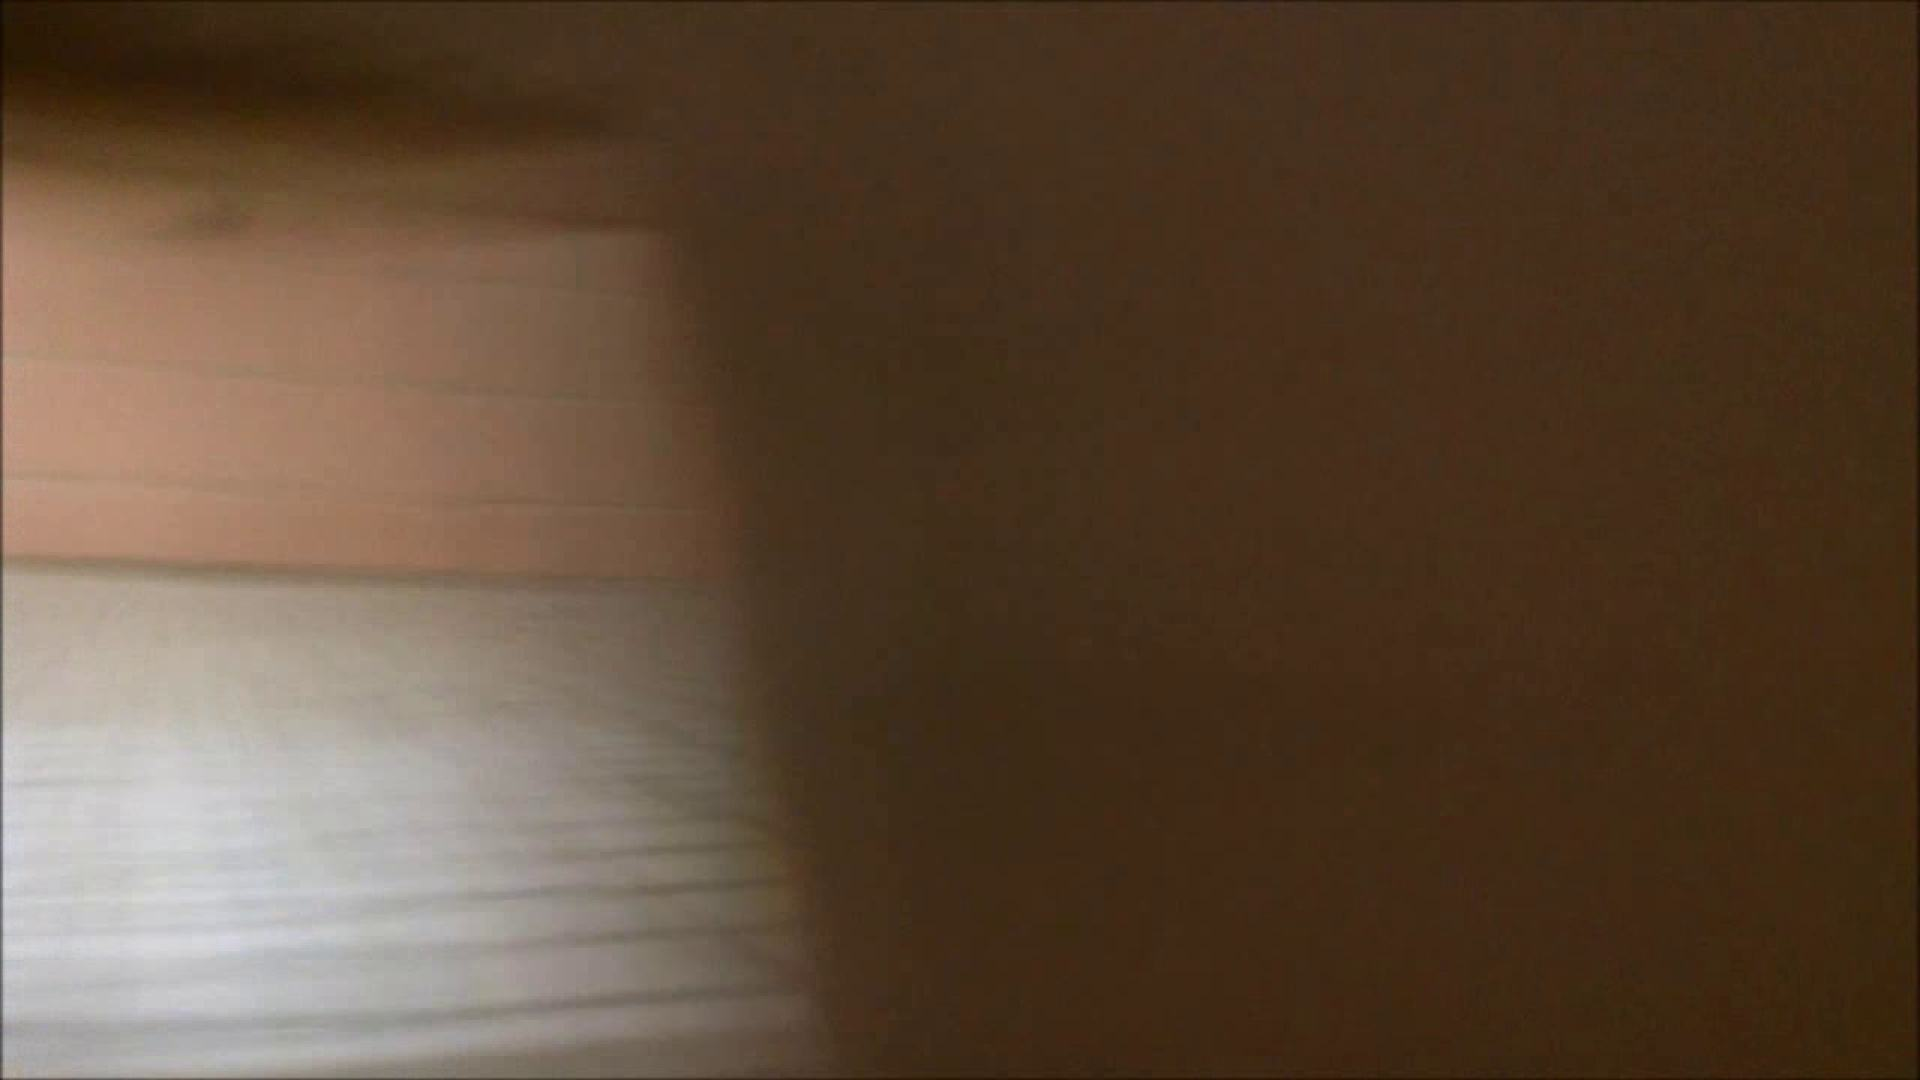 某有名大学女性洗面所 vol.12 投稿 スケベ動画紹介 96画像 61